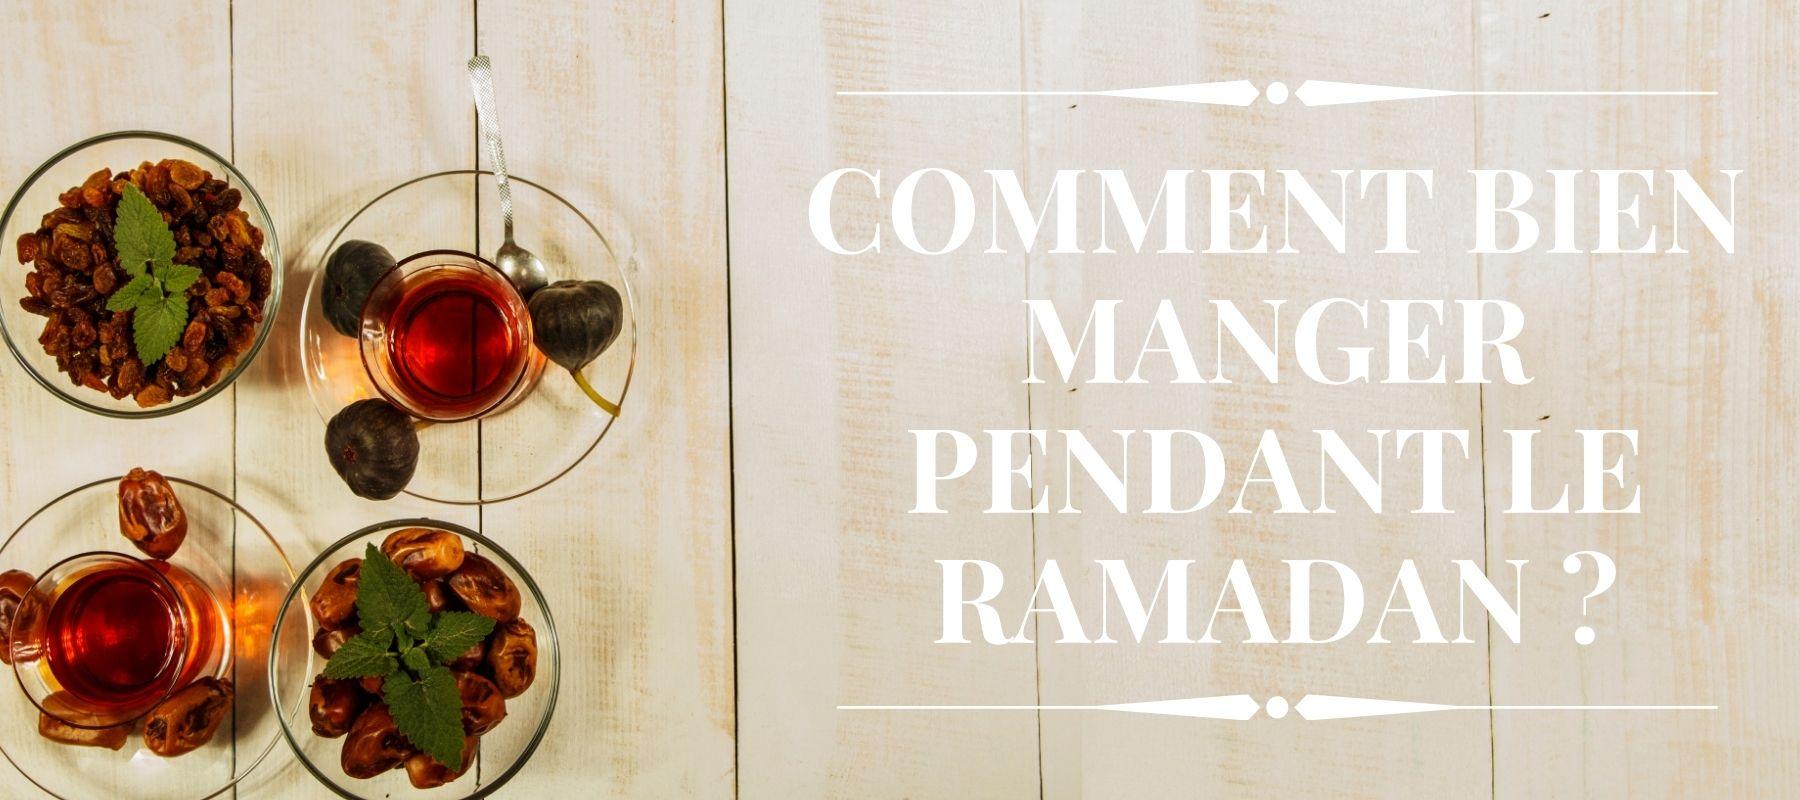 Comment bien manger pendant le ramadan ?